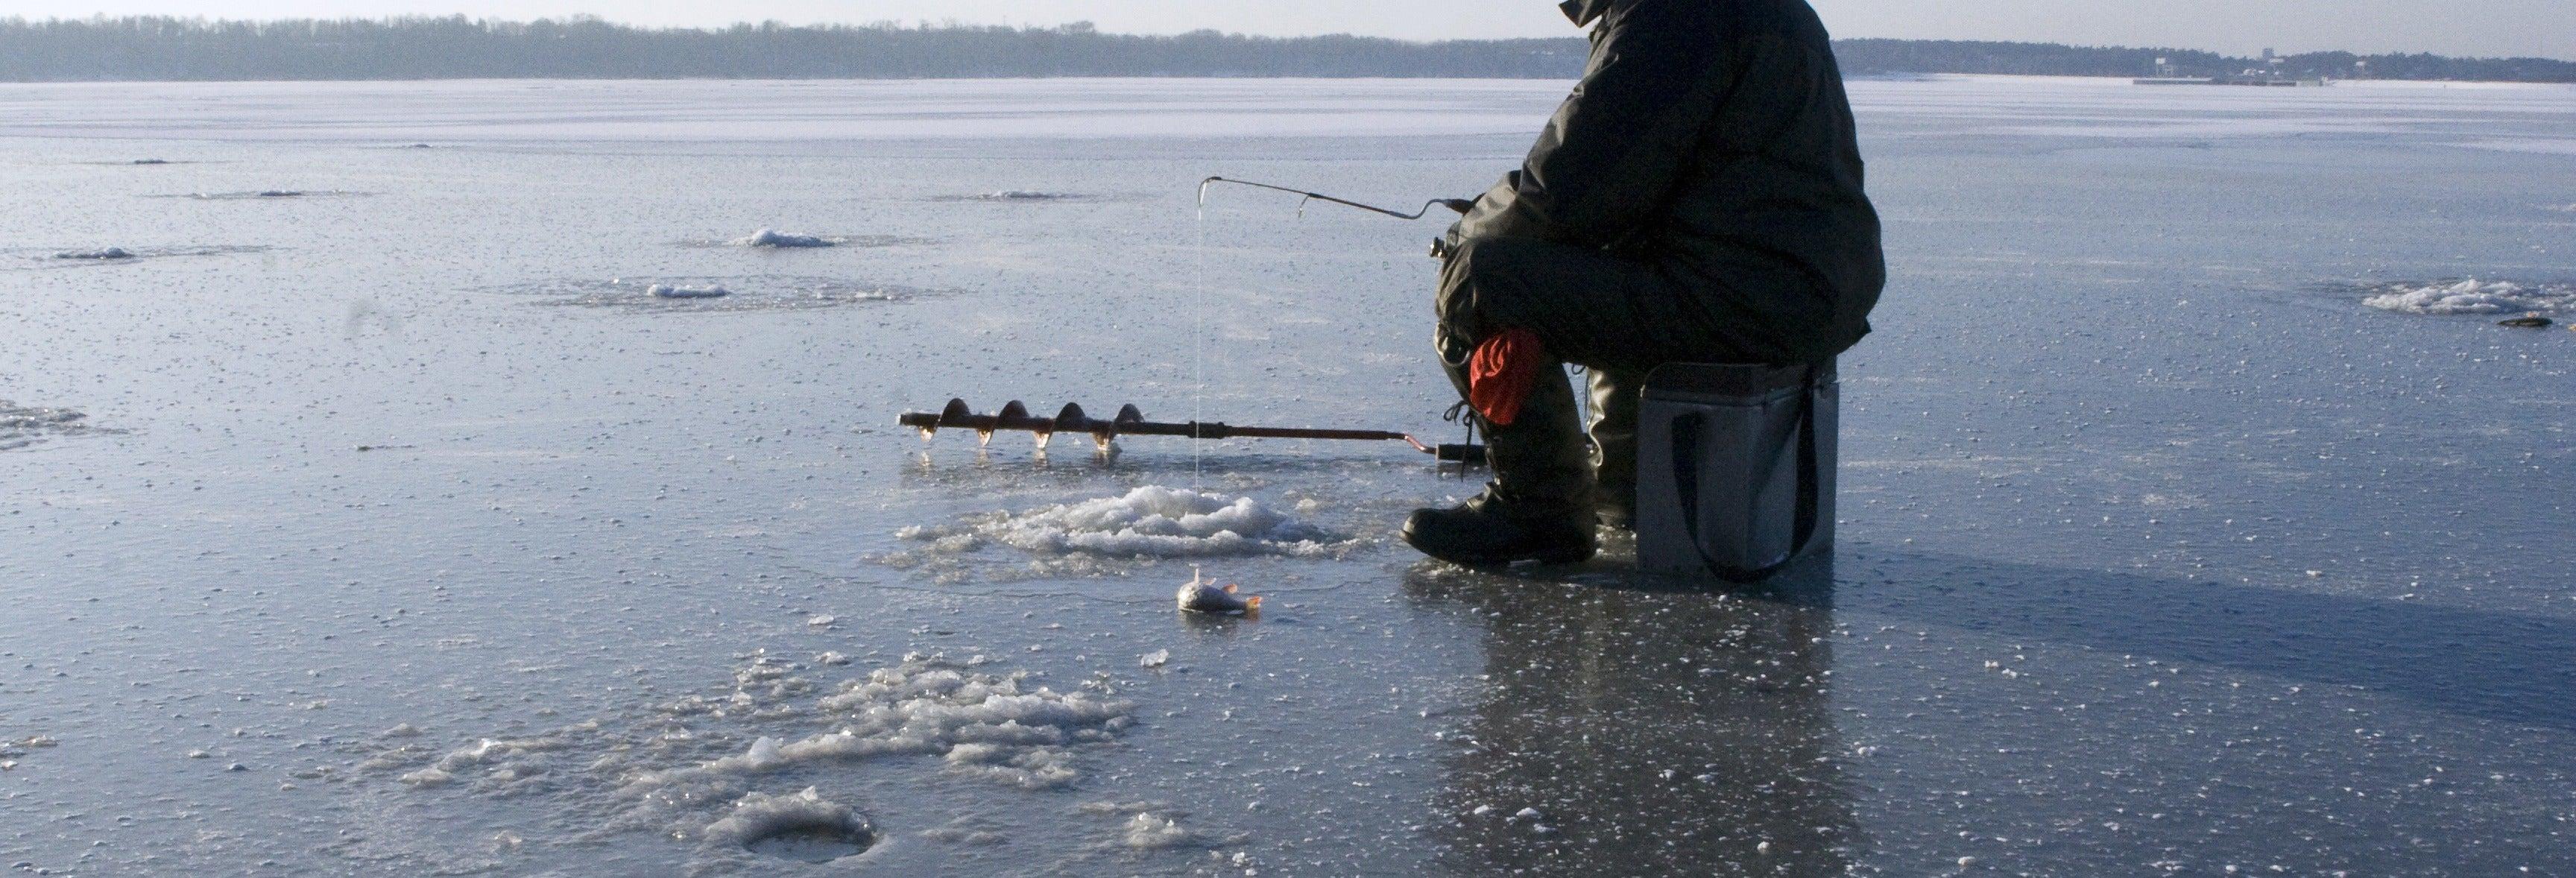 Pesca sul ghiaccio a Plevna